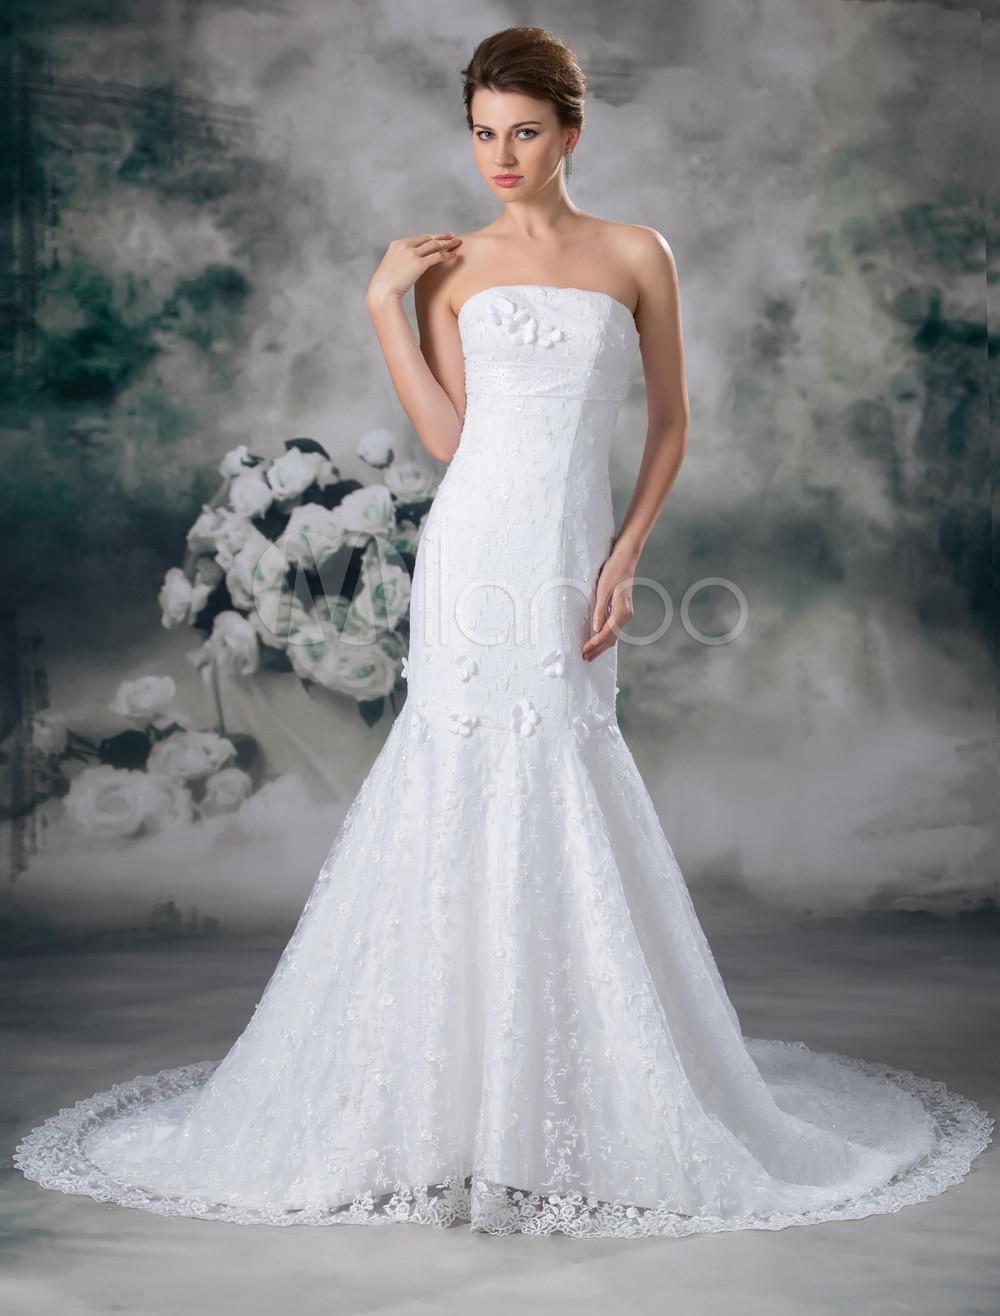 Robe de mariée princesse blanche en dentelle bustier à traîne ...